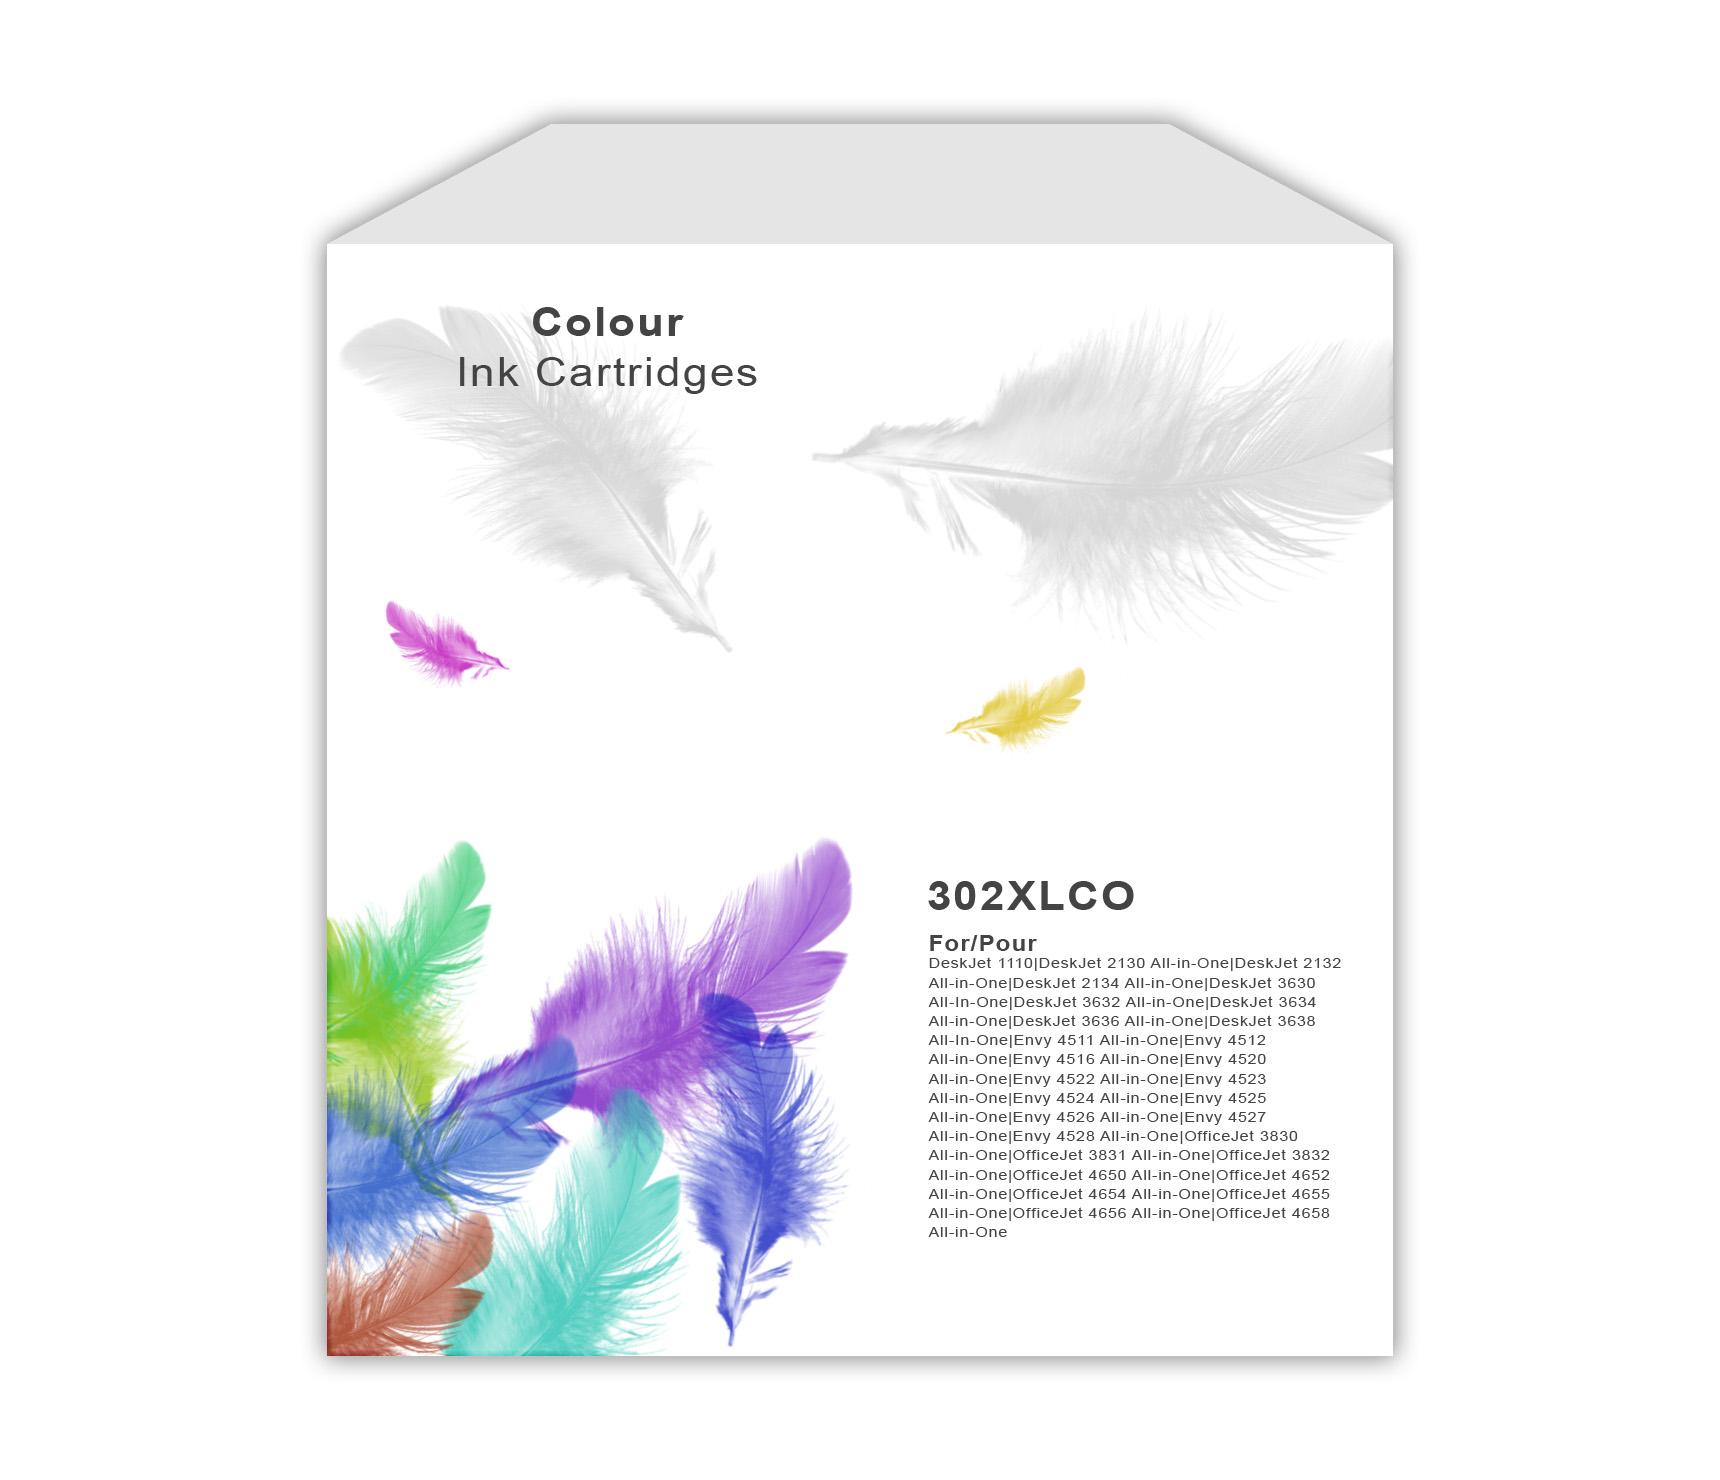 HP 302XL Colour Ink Cartridge